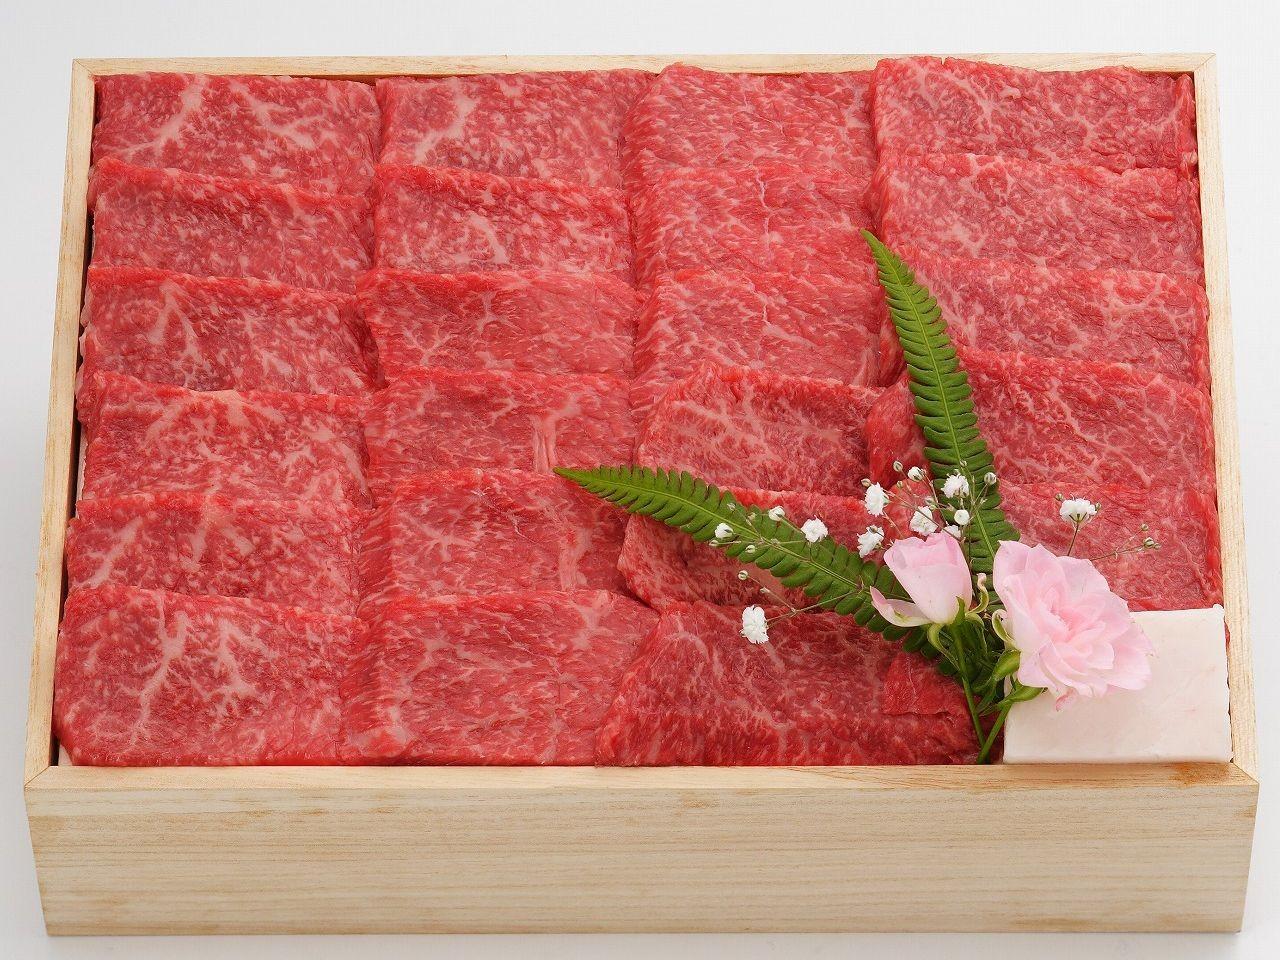 米沢牛 焼肉 赤身 カルビ